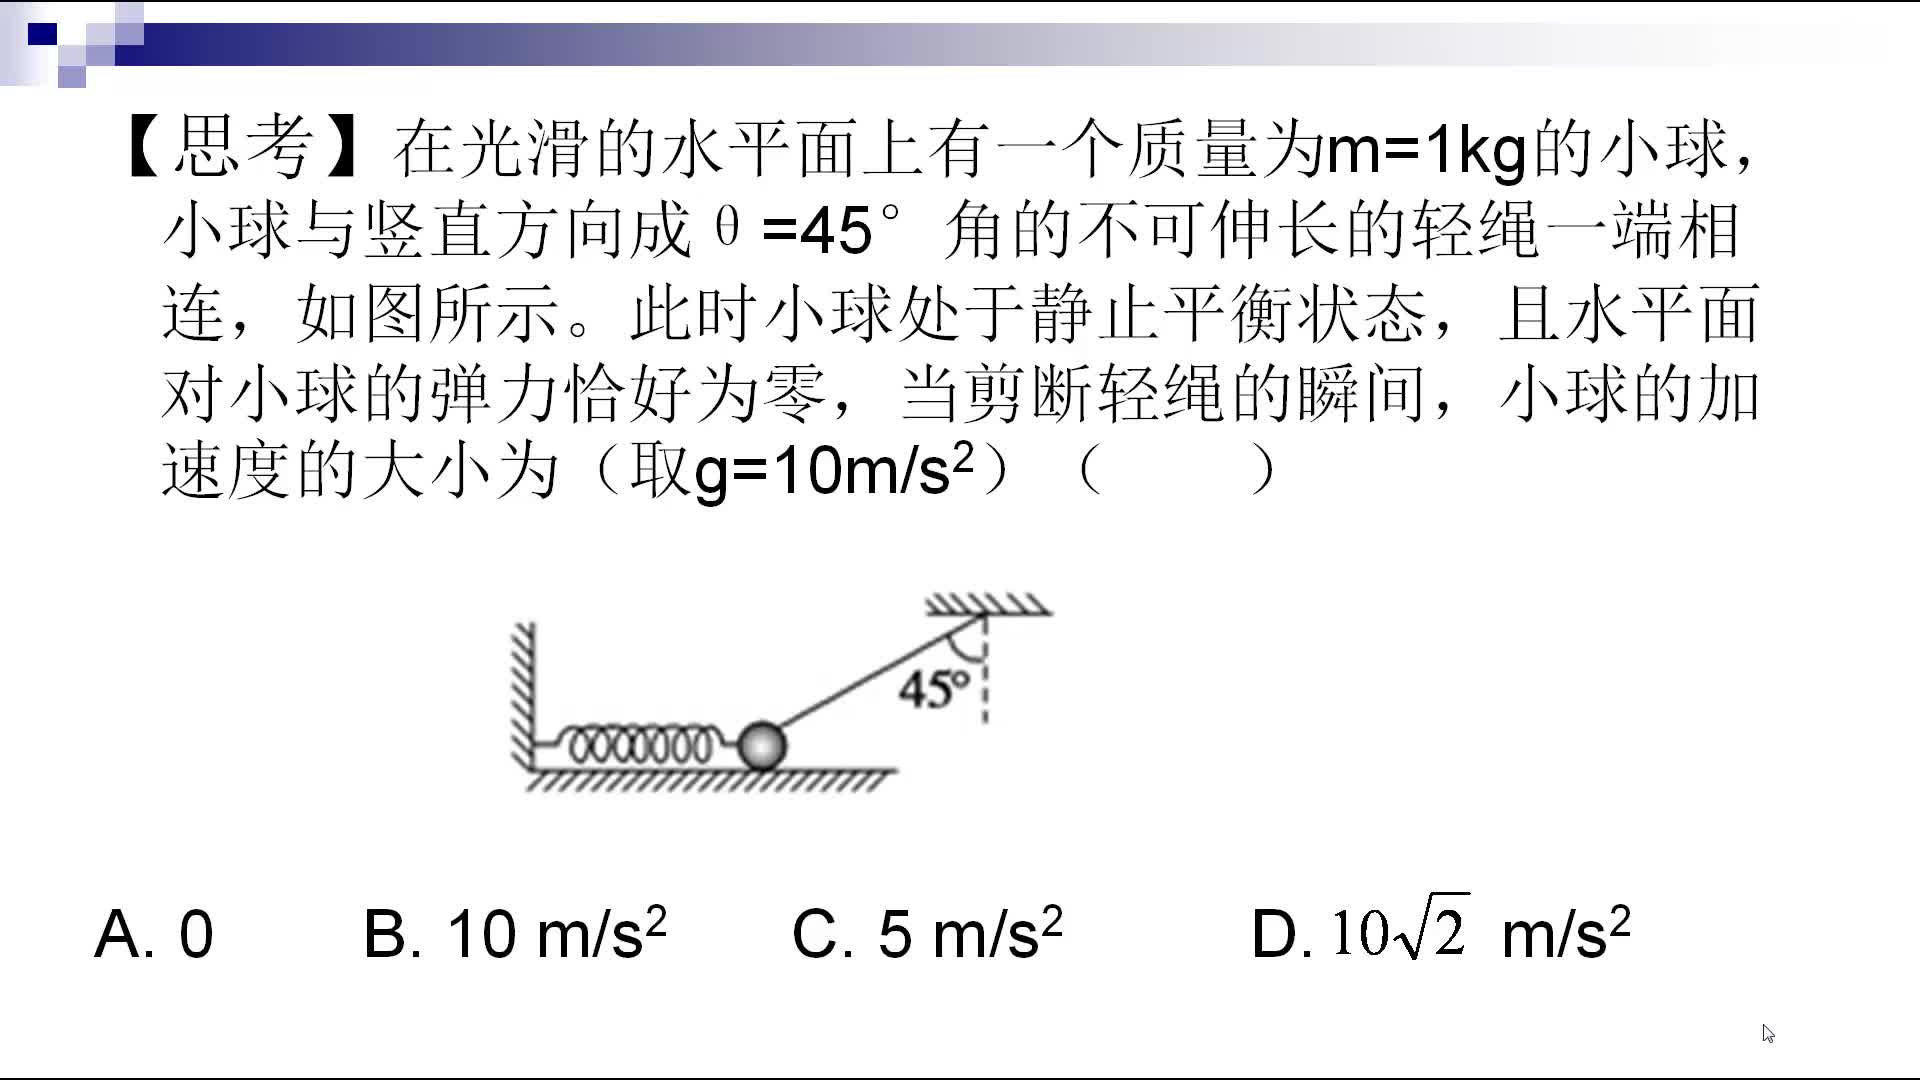 人教版 高一物理 必修一 4.6 剪断轻绳瞬间的加速度(牛顿运动定律难点辨析)-视频微课堂